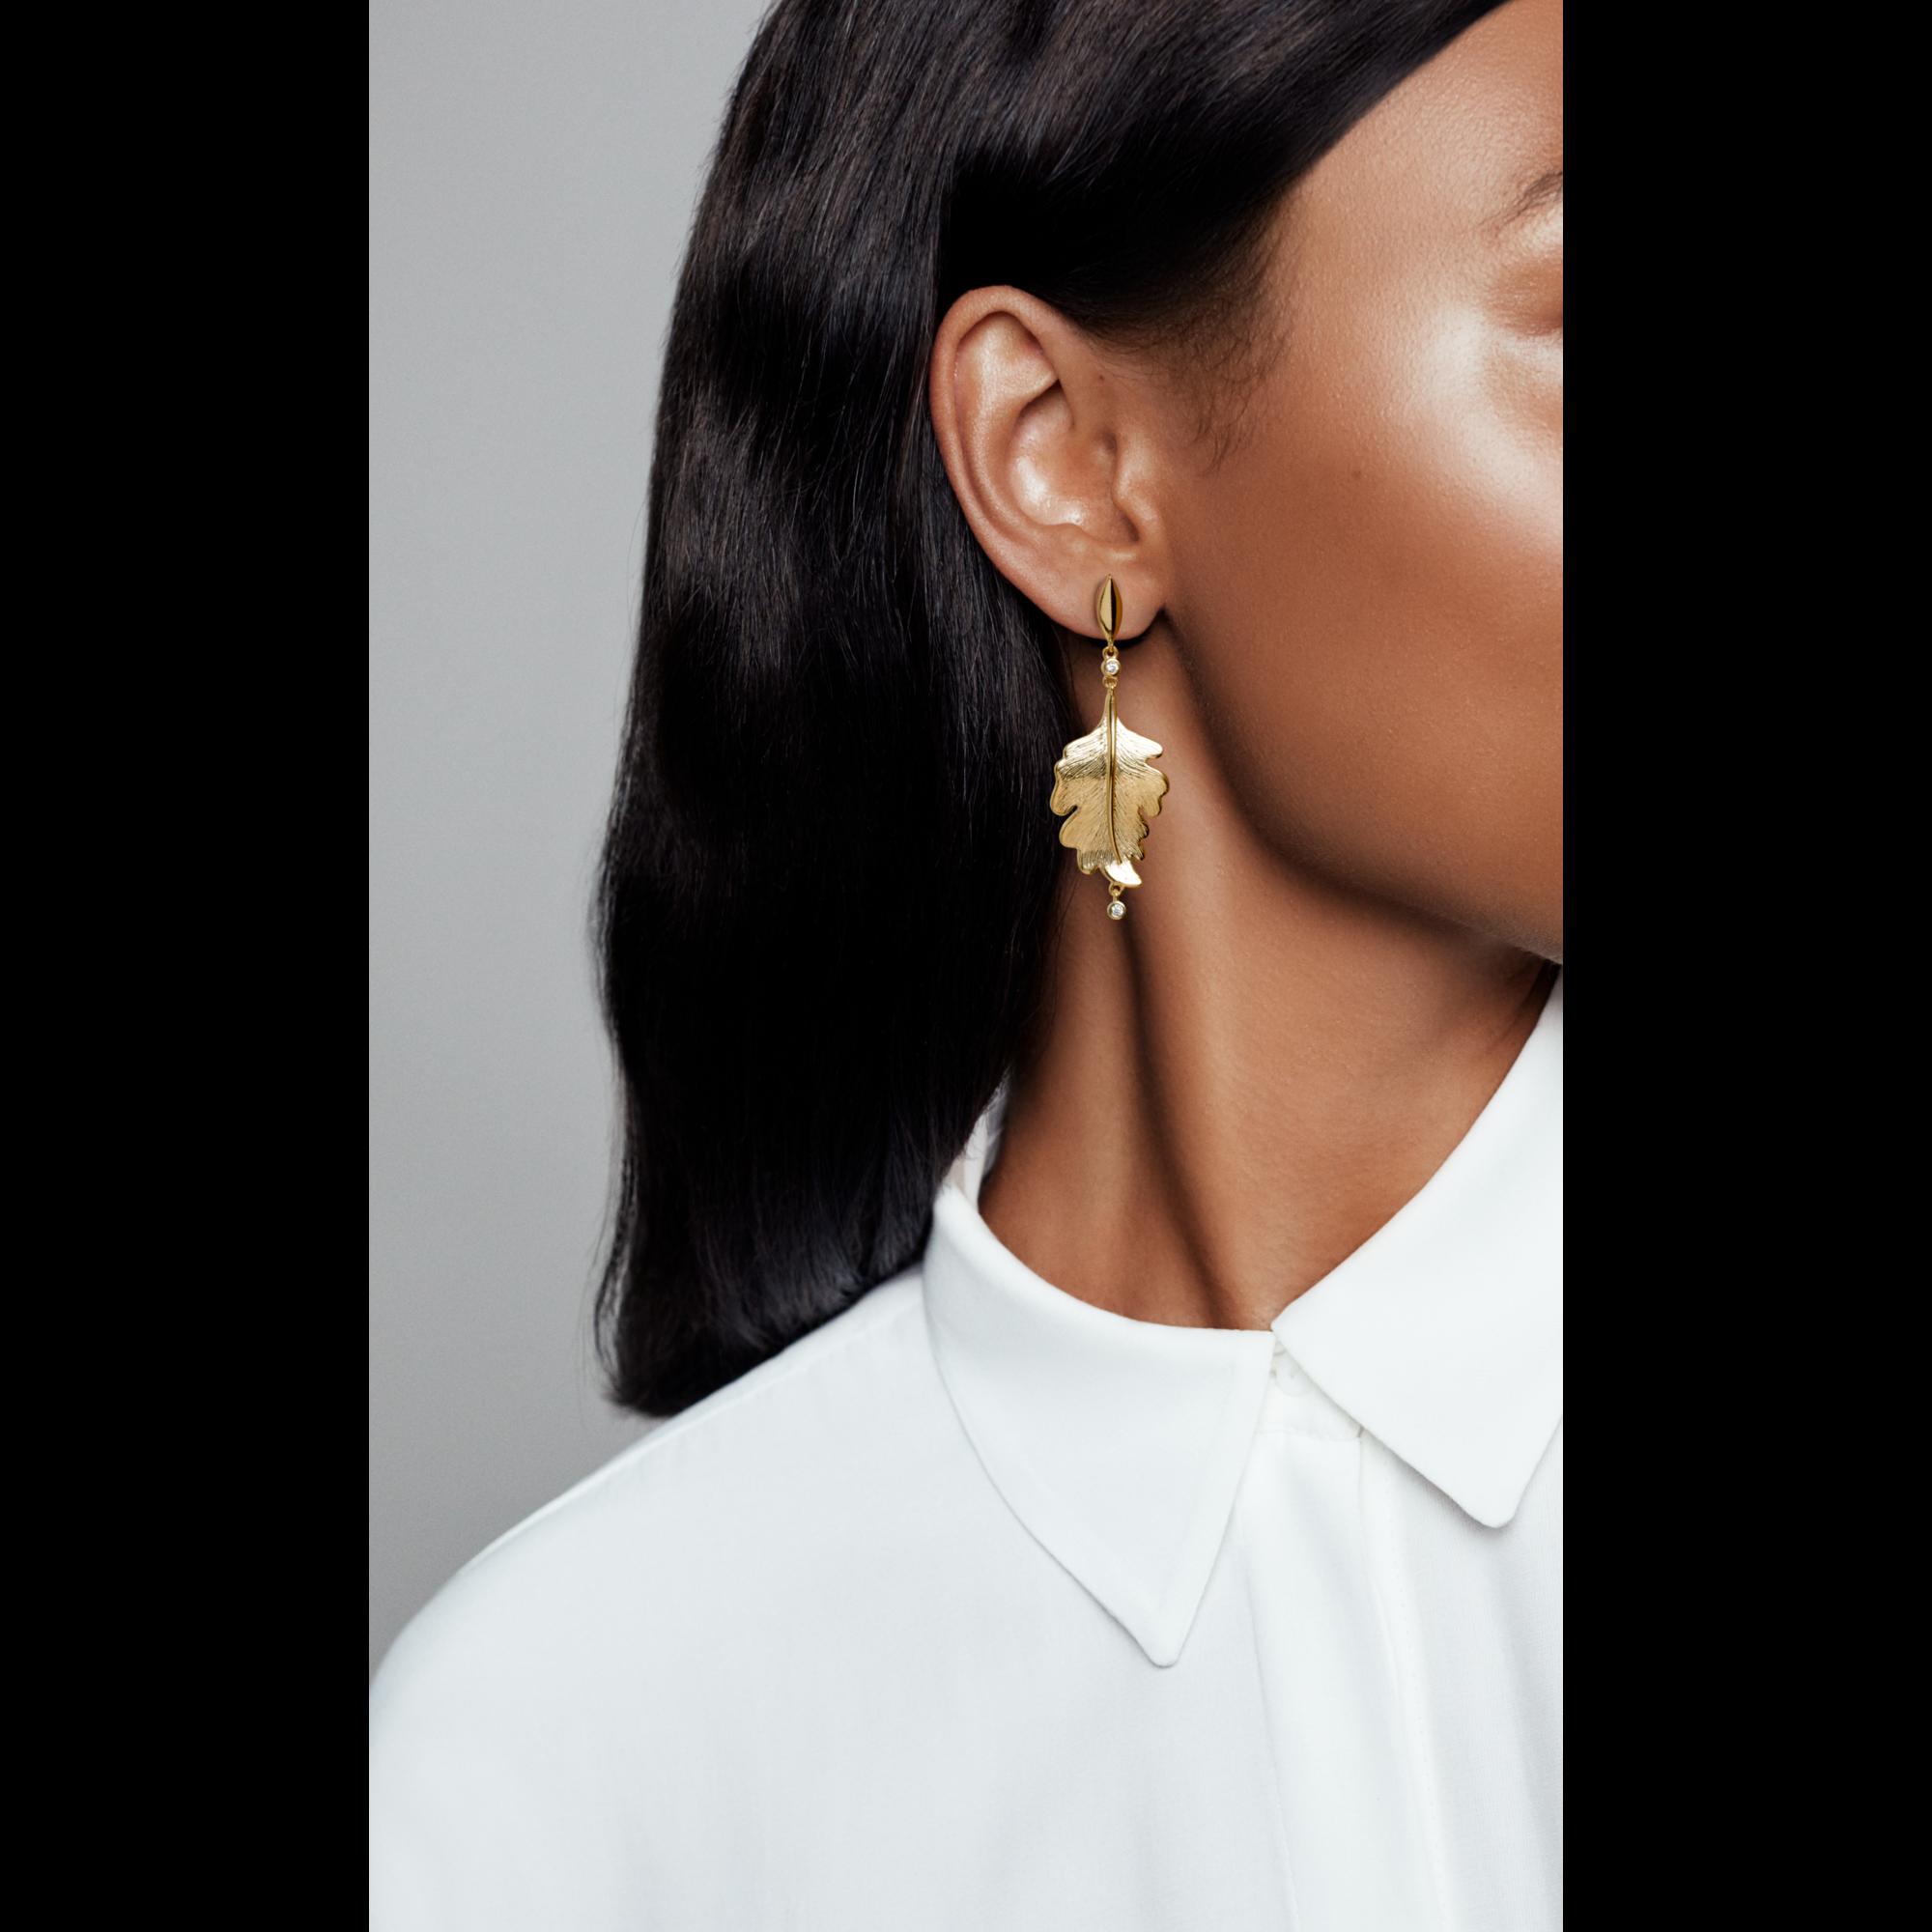 橡树叶耳环